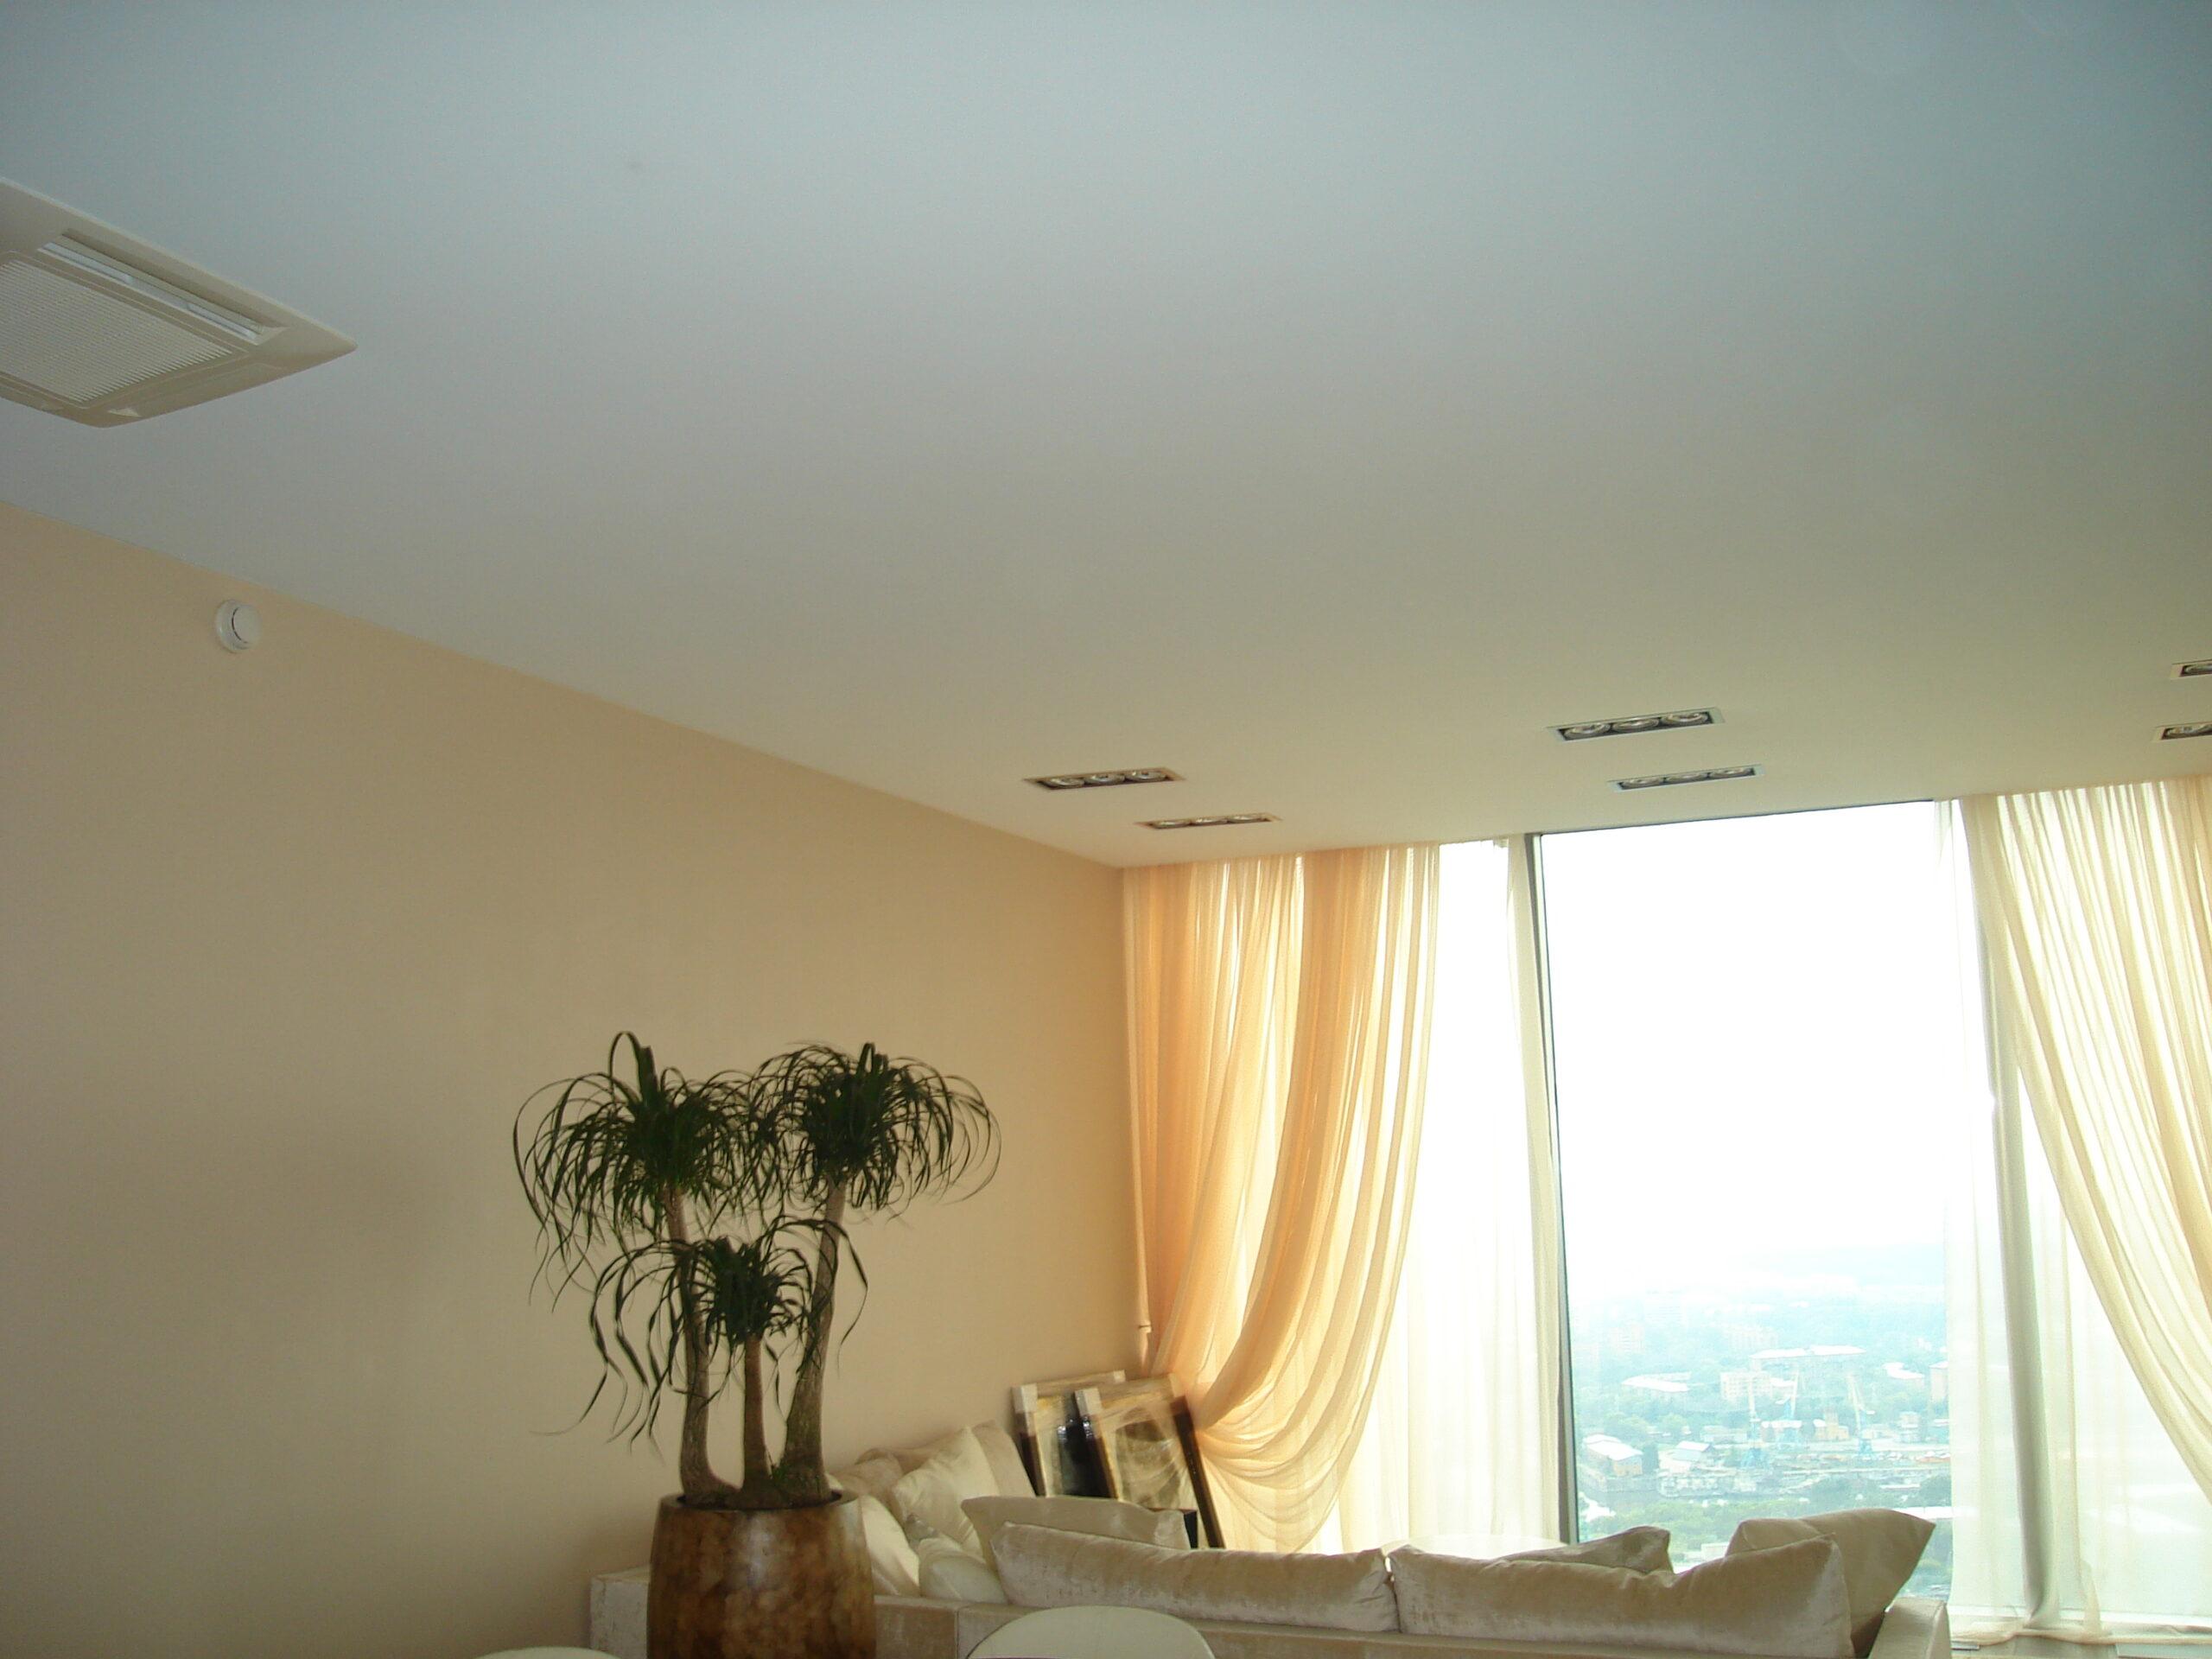 Натяжной тканевый потолок Клипсо со встроенными квадратными светильниками и вентиляцией в гостиничном номере